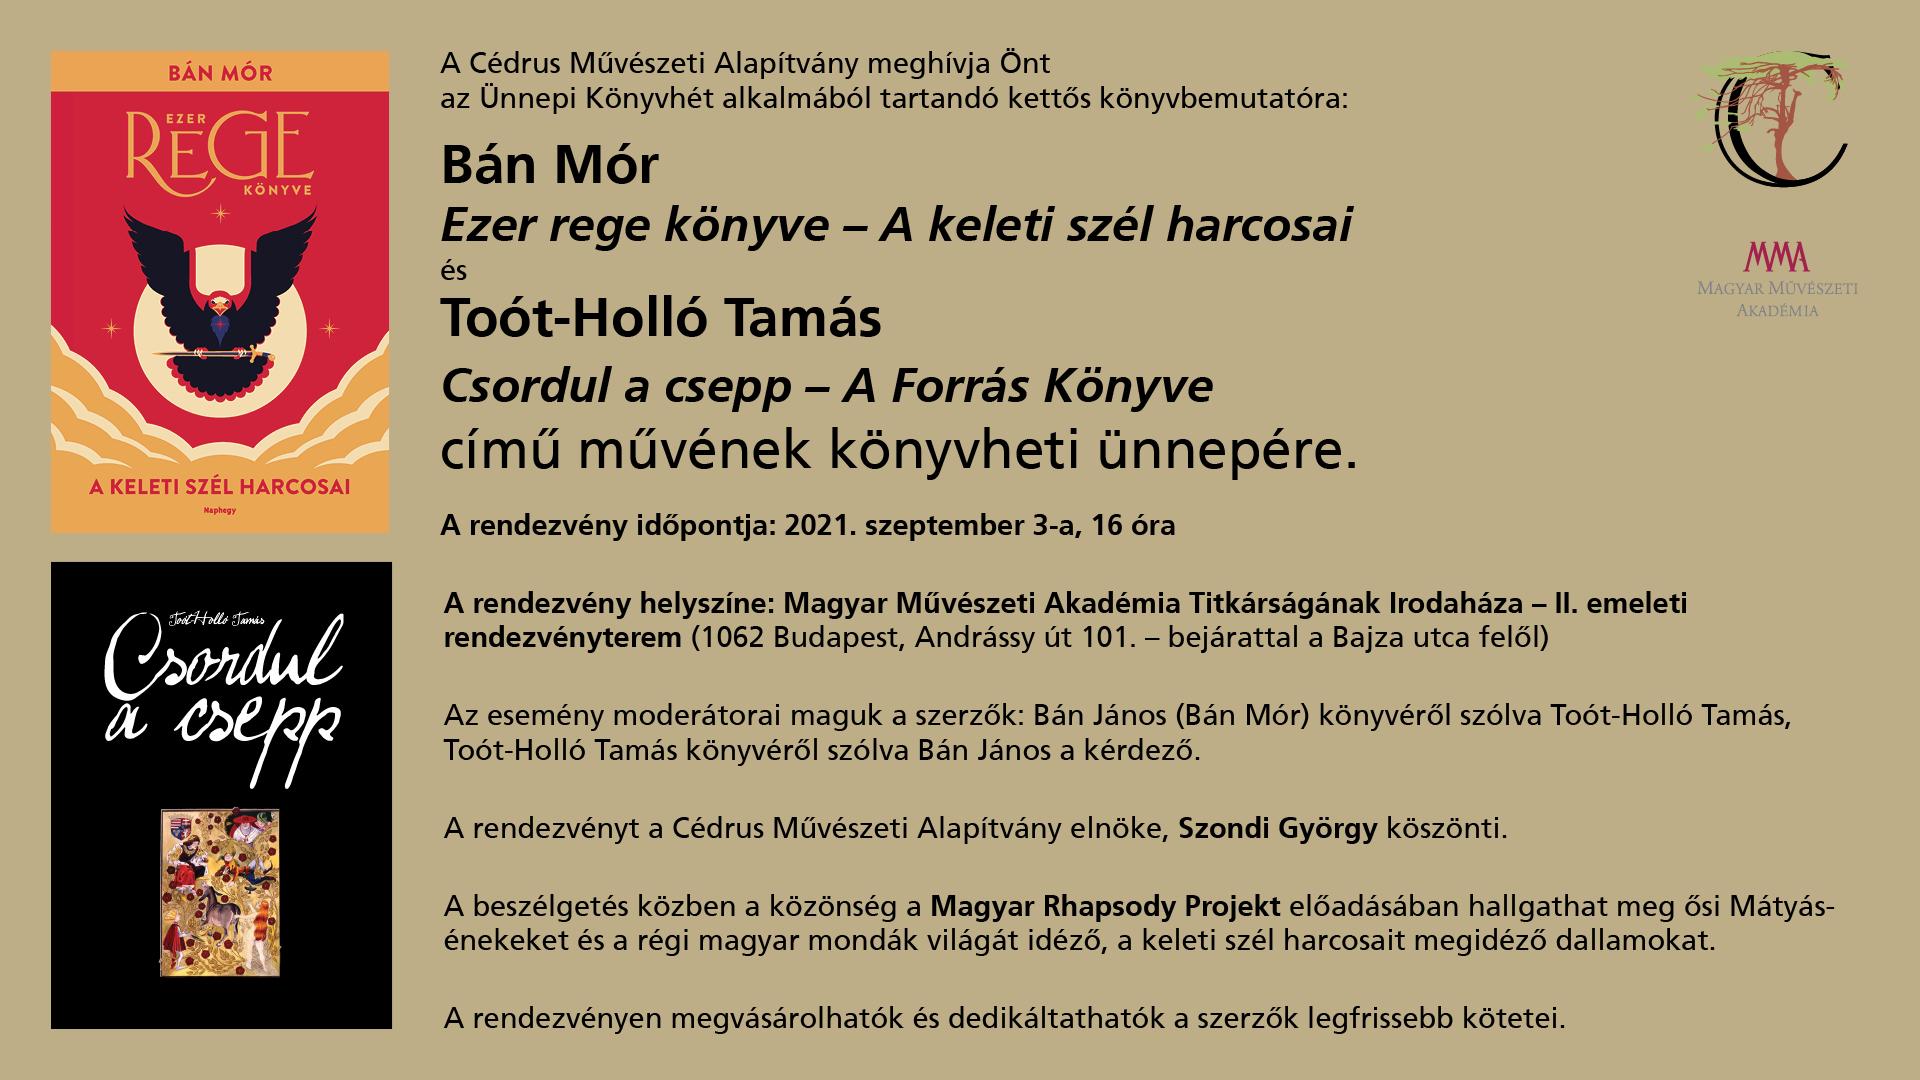 Bán Mór - Toót-Holló Tamás - meghívó kötetbemutatóra